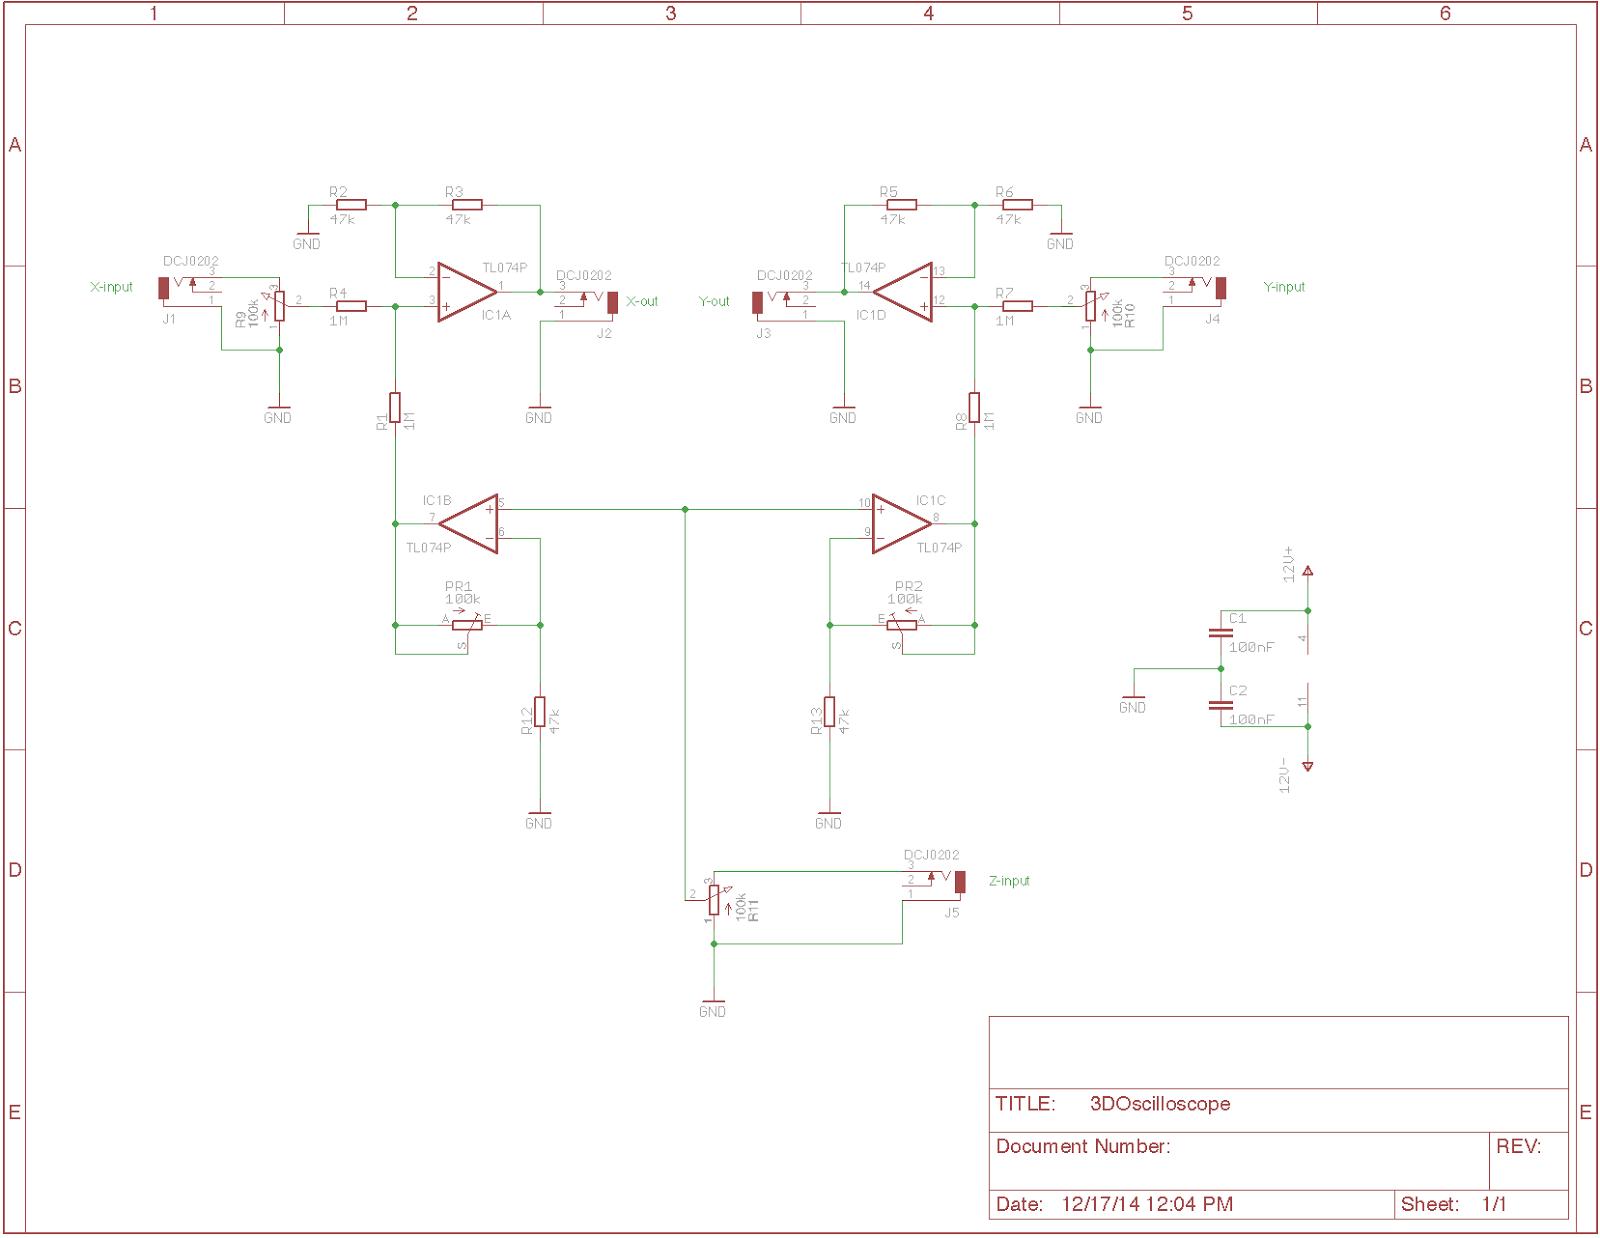 Sigma 2014 Simple Frequency Generator Circuit Diagram Tradeoficcom 3doscillo1 From Mauno Tuominen On Vimeo